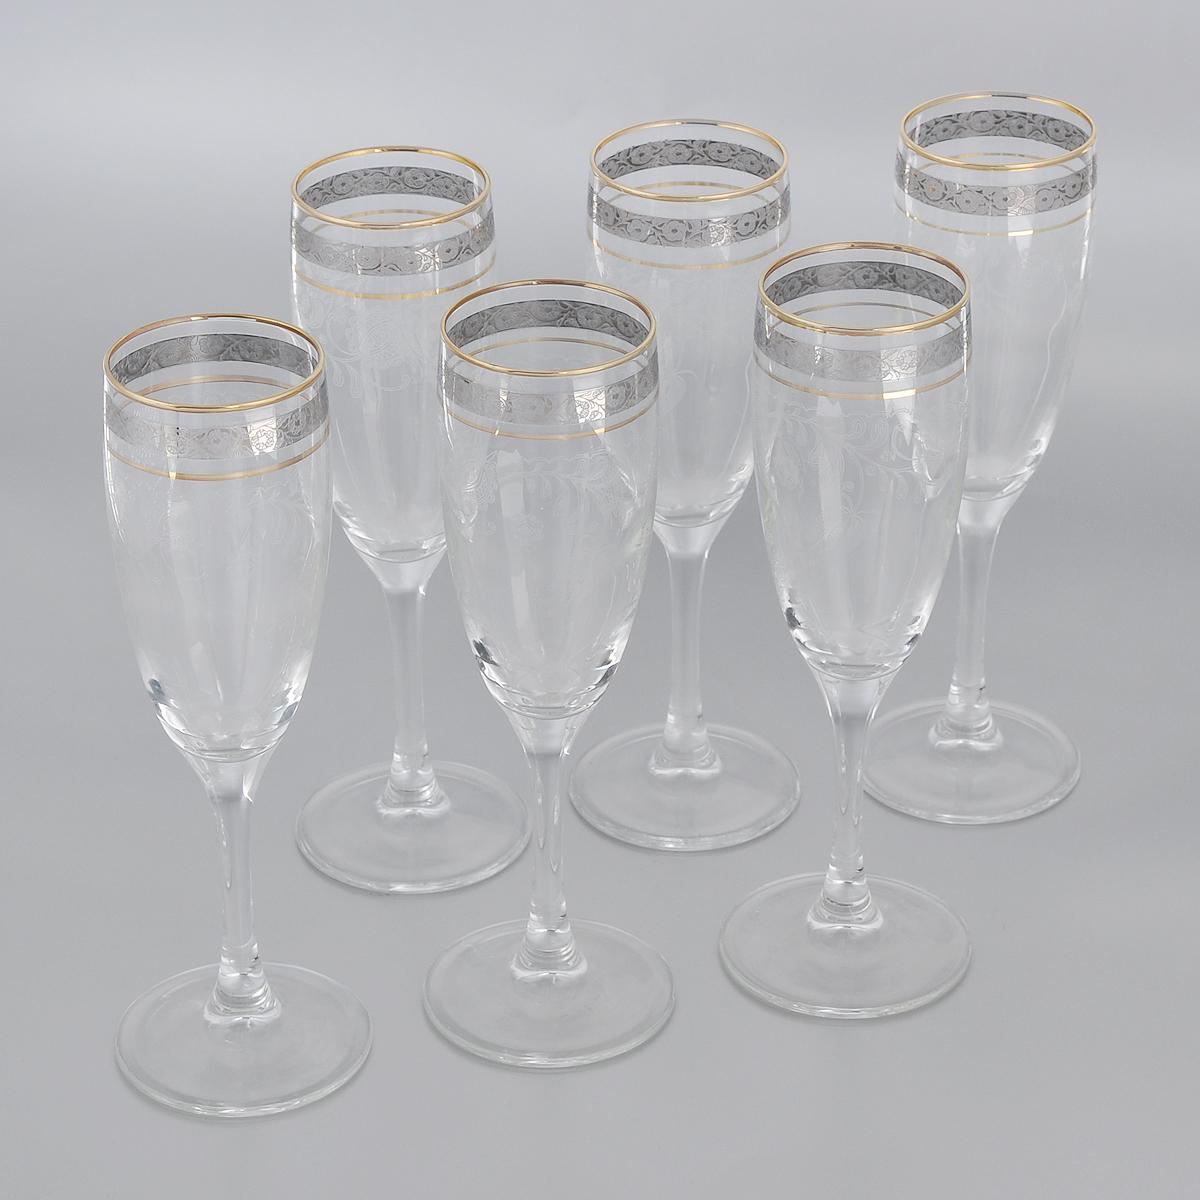 Набор бокалов Гусь-Хрустальный Нежность, 170 мл, 6 штTL34-1687Набор Гусь-Хрустальный Нежность состоит из 6 бокалов на длинных тонких ножках, изготовленных из высококачественного натрий-кальций-силикатного стекла. Изделия оформлены красивым зеркальным покрытием и прозрачным орнаментом. Бокалы предназначены для шампанского или вина. Такой набор прекрасно дополнит праздничный стол и станет желанным подарком в любом доме. Разрешается мыть в посудомоечной машине. Диаметр бокала (по верхнему краю): 5 см. Высота бокала: 20 см.